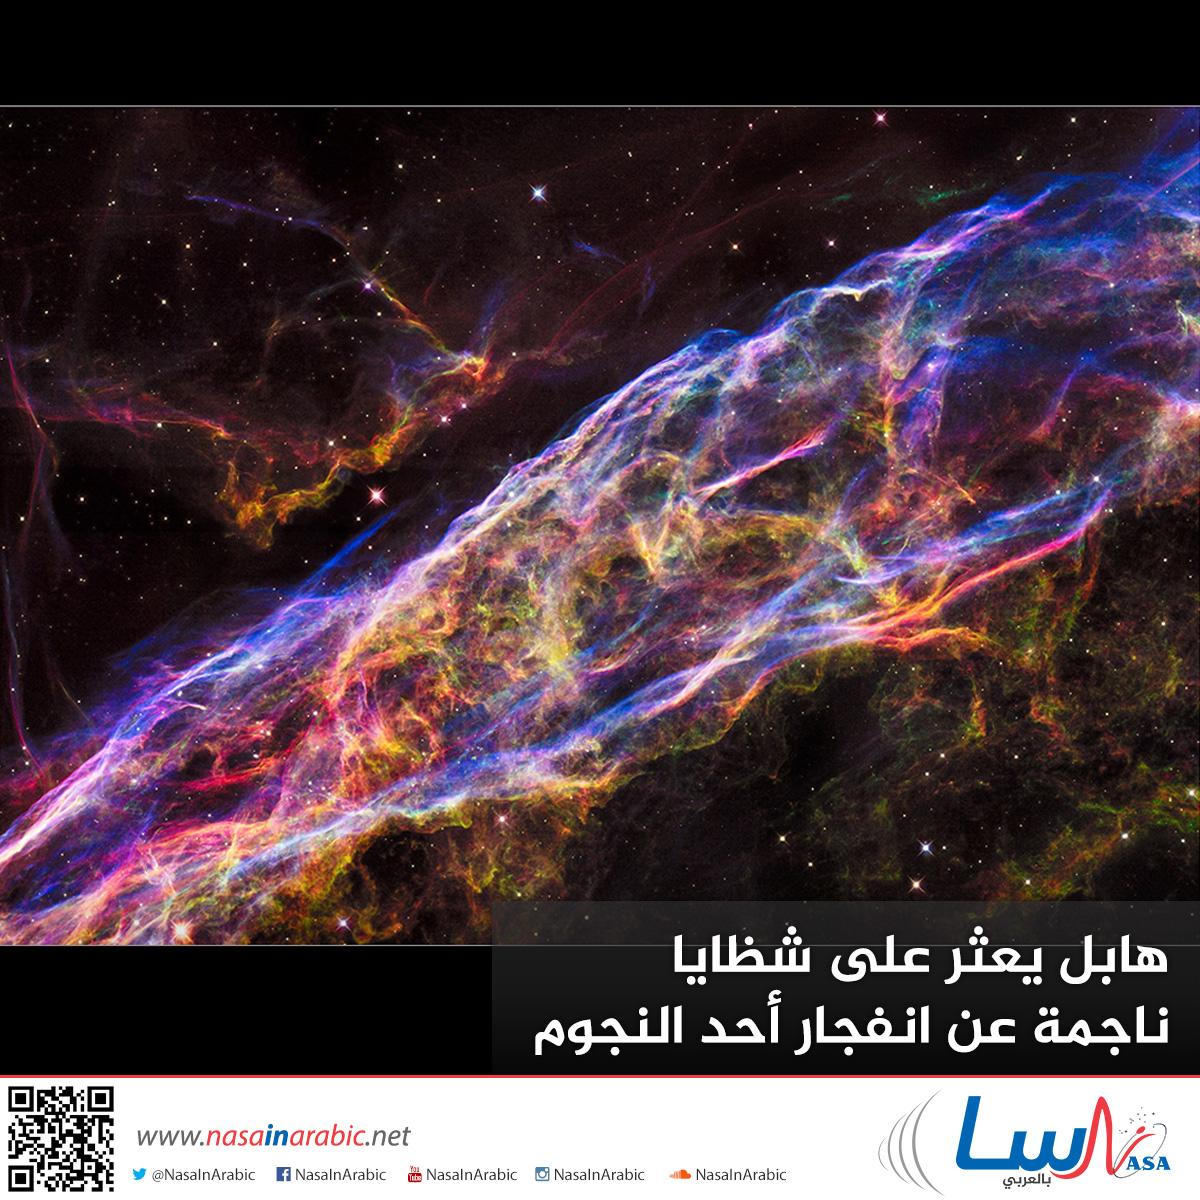 هابل يعثر على شظايا ناجمة عن انفجار أحد النجوم